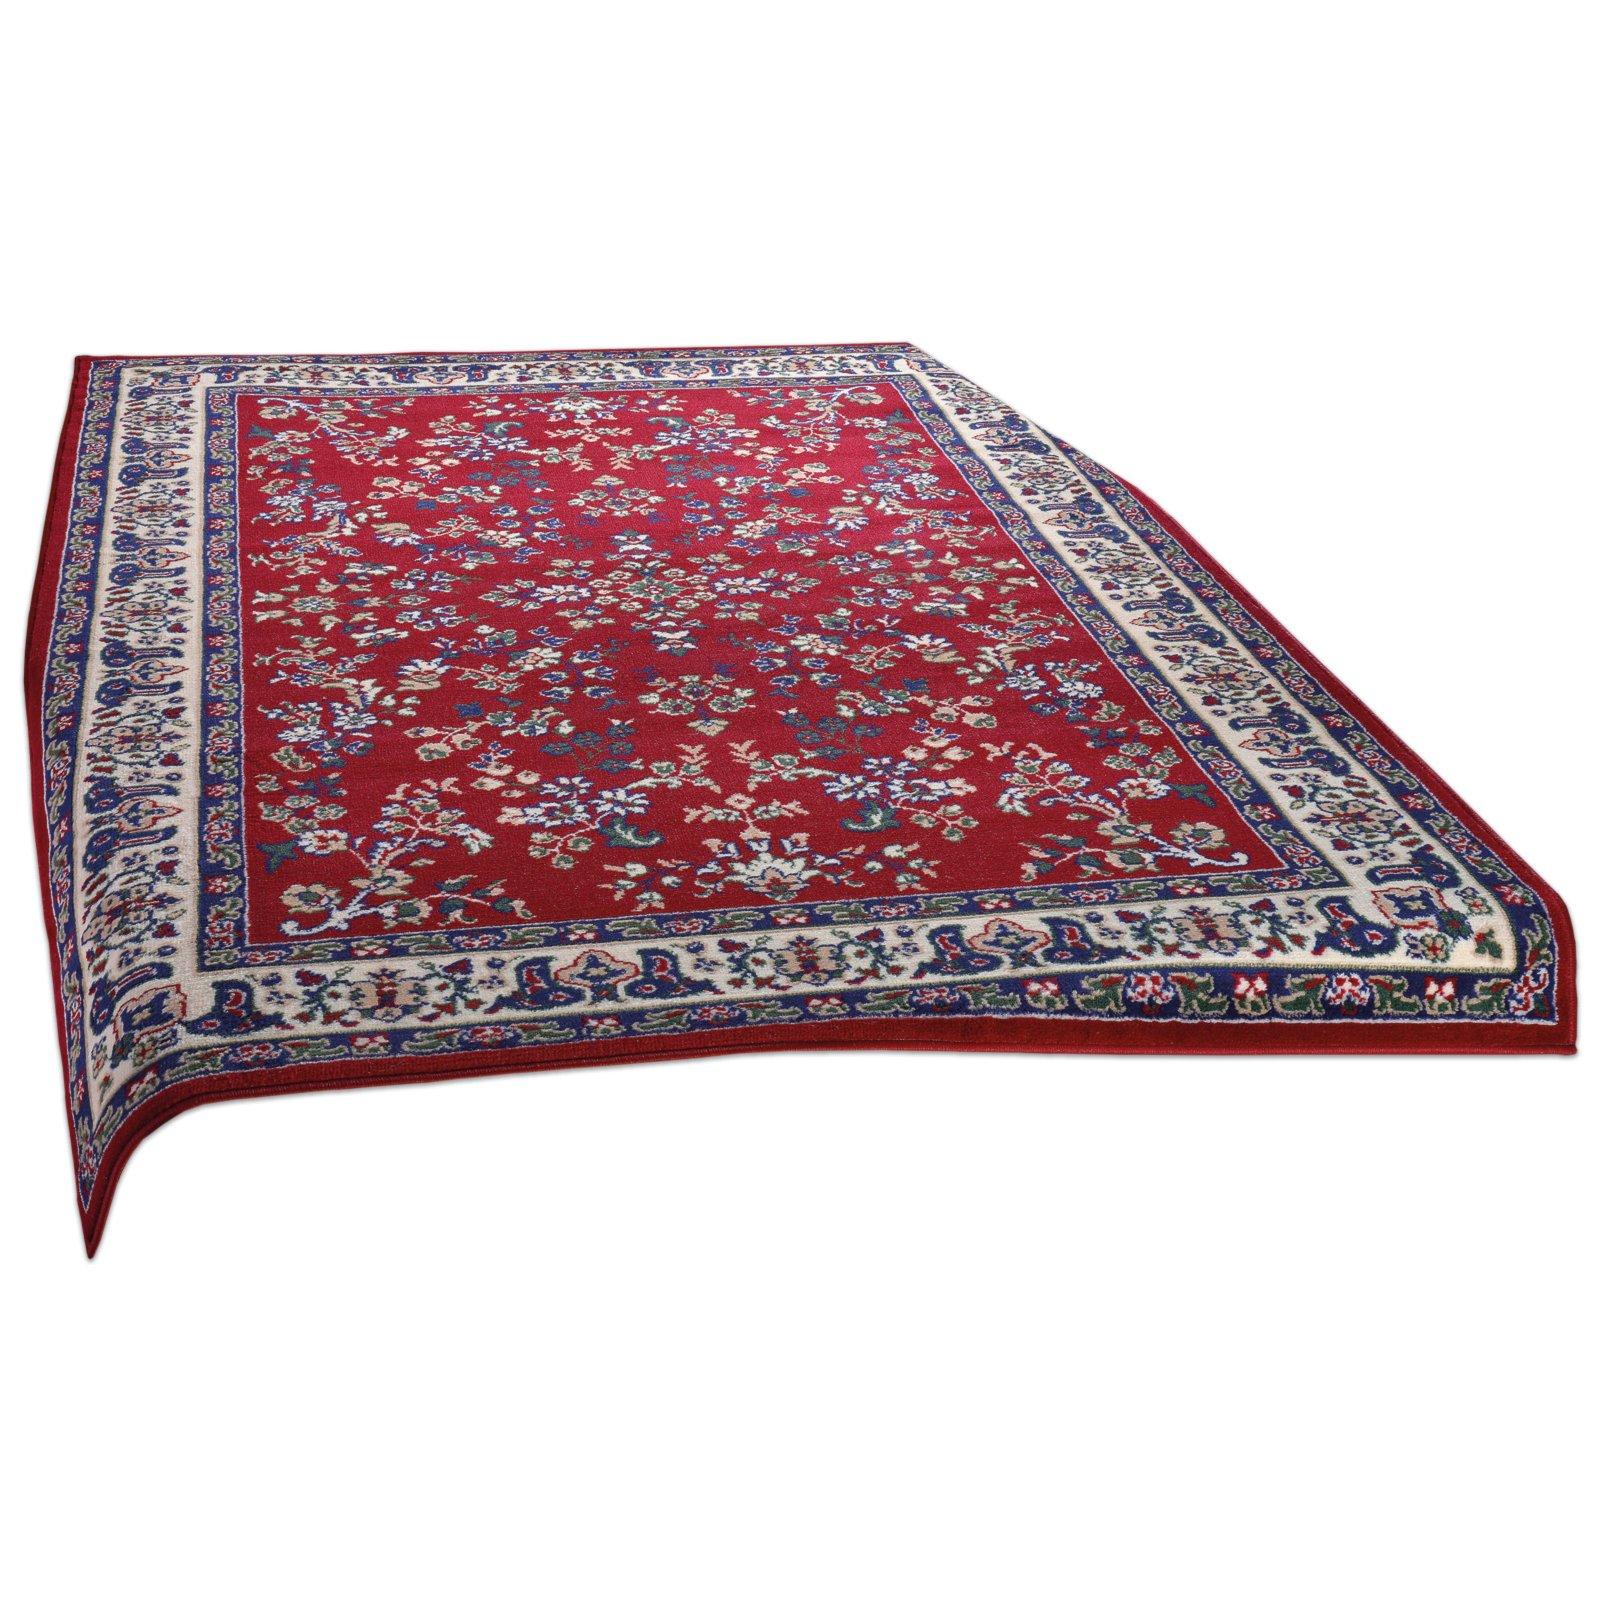 teppich orient rot 60x110 cm orient teppiche teppiche l ufer deko haushalt. Black Bedroom Furniture Sets. Home Design Ideas